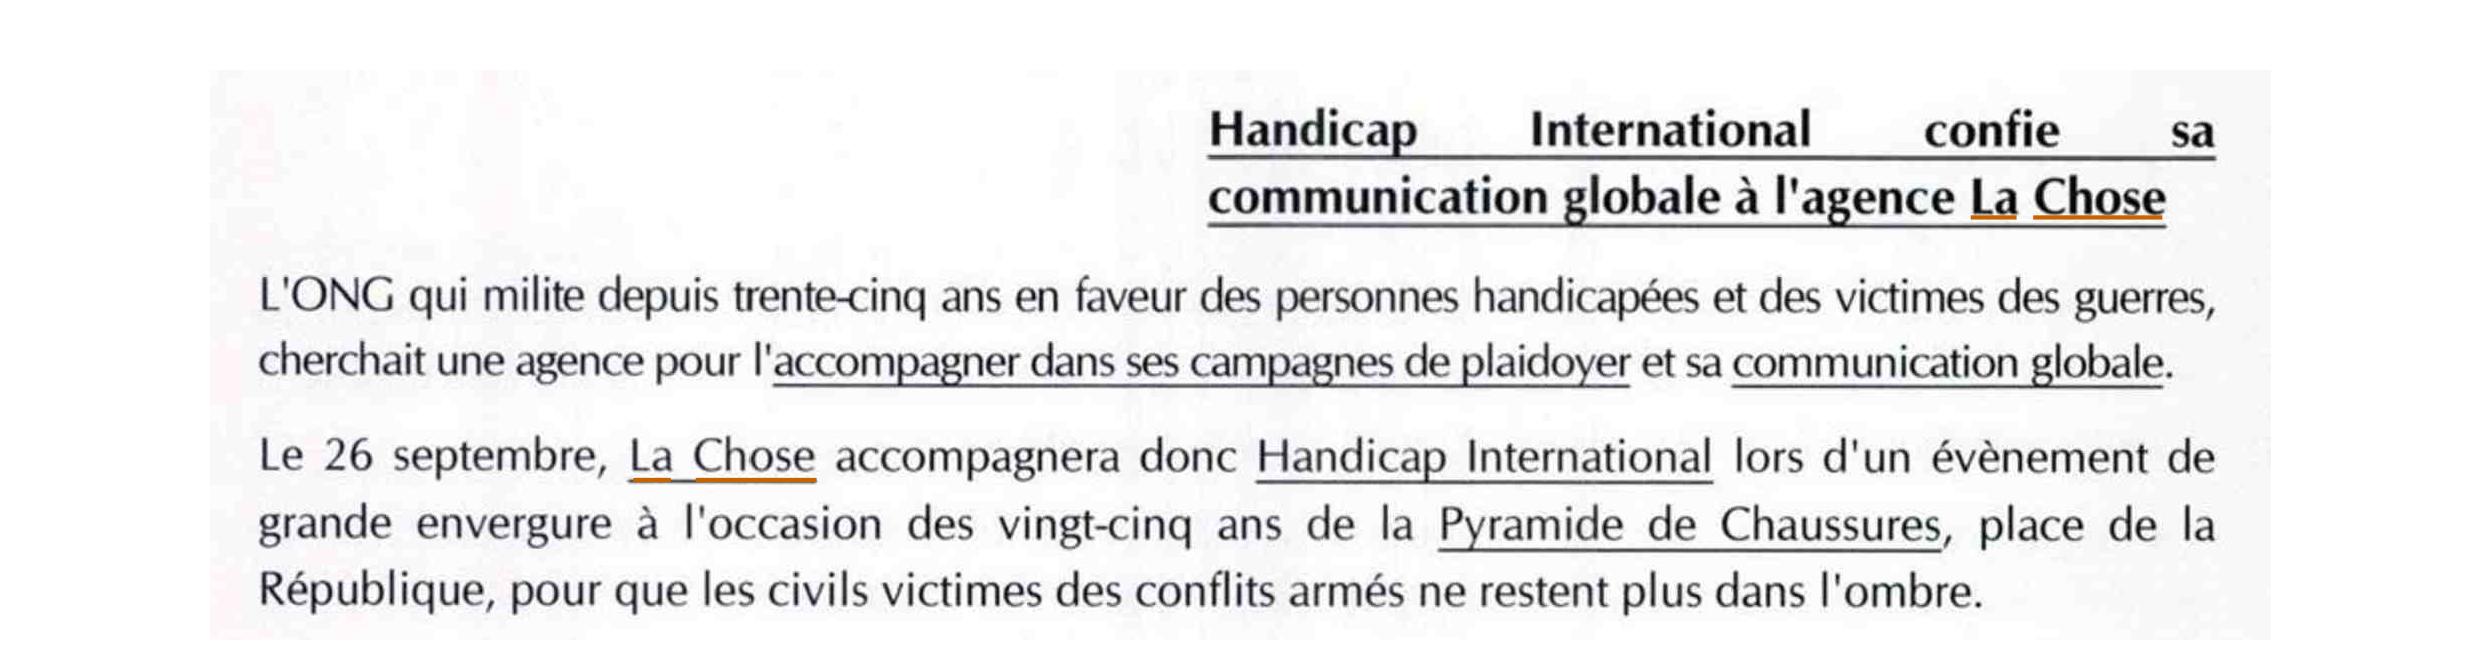 La_Correspondance_de_la_Publicite_lachose_x_handicap_